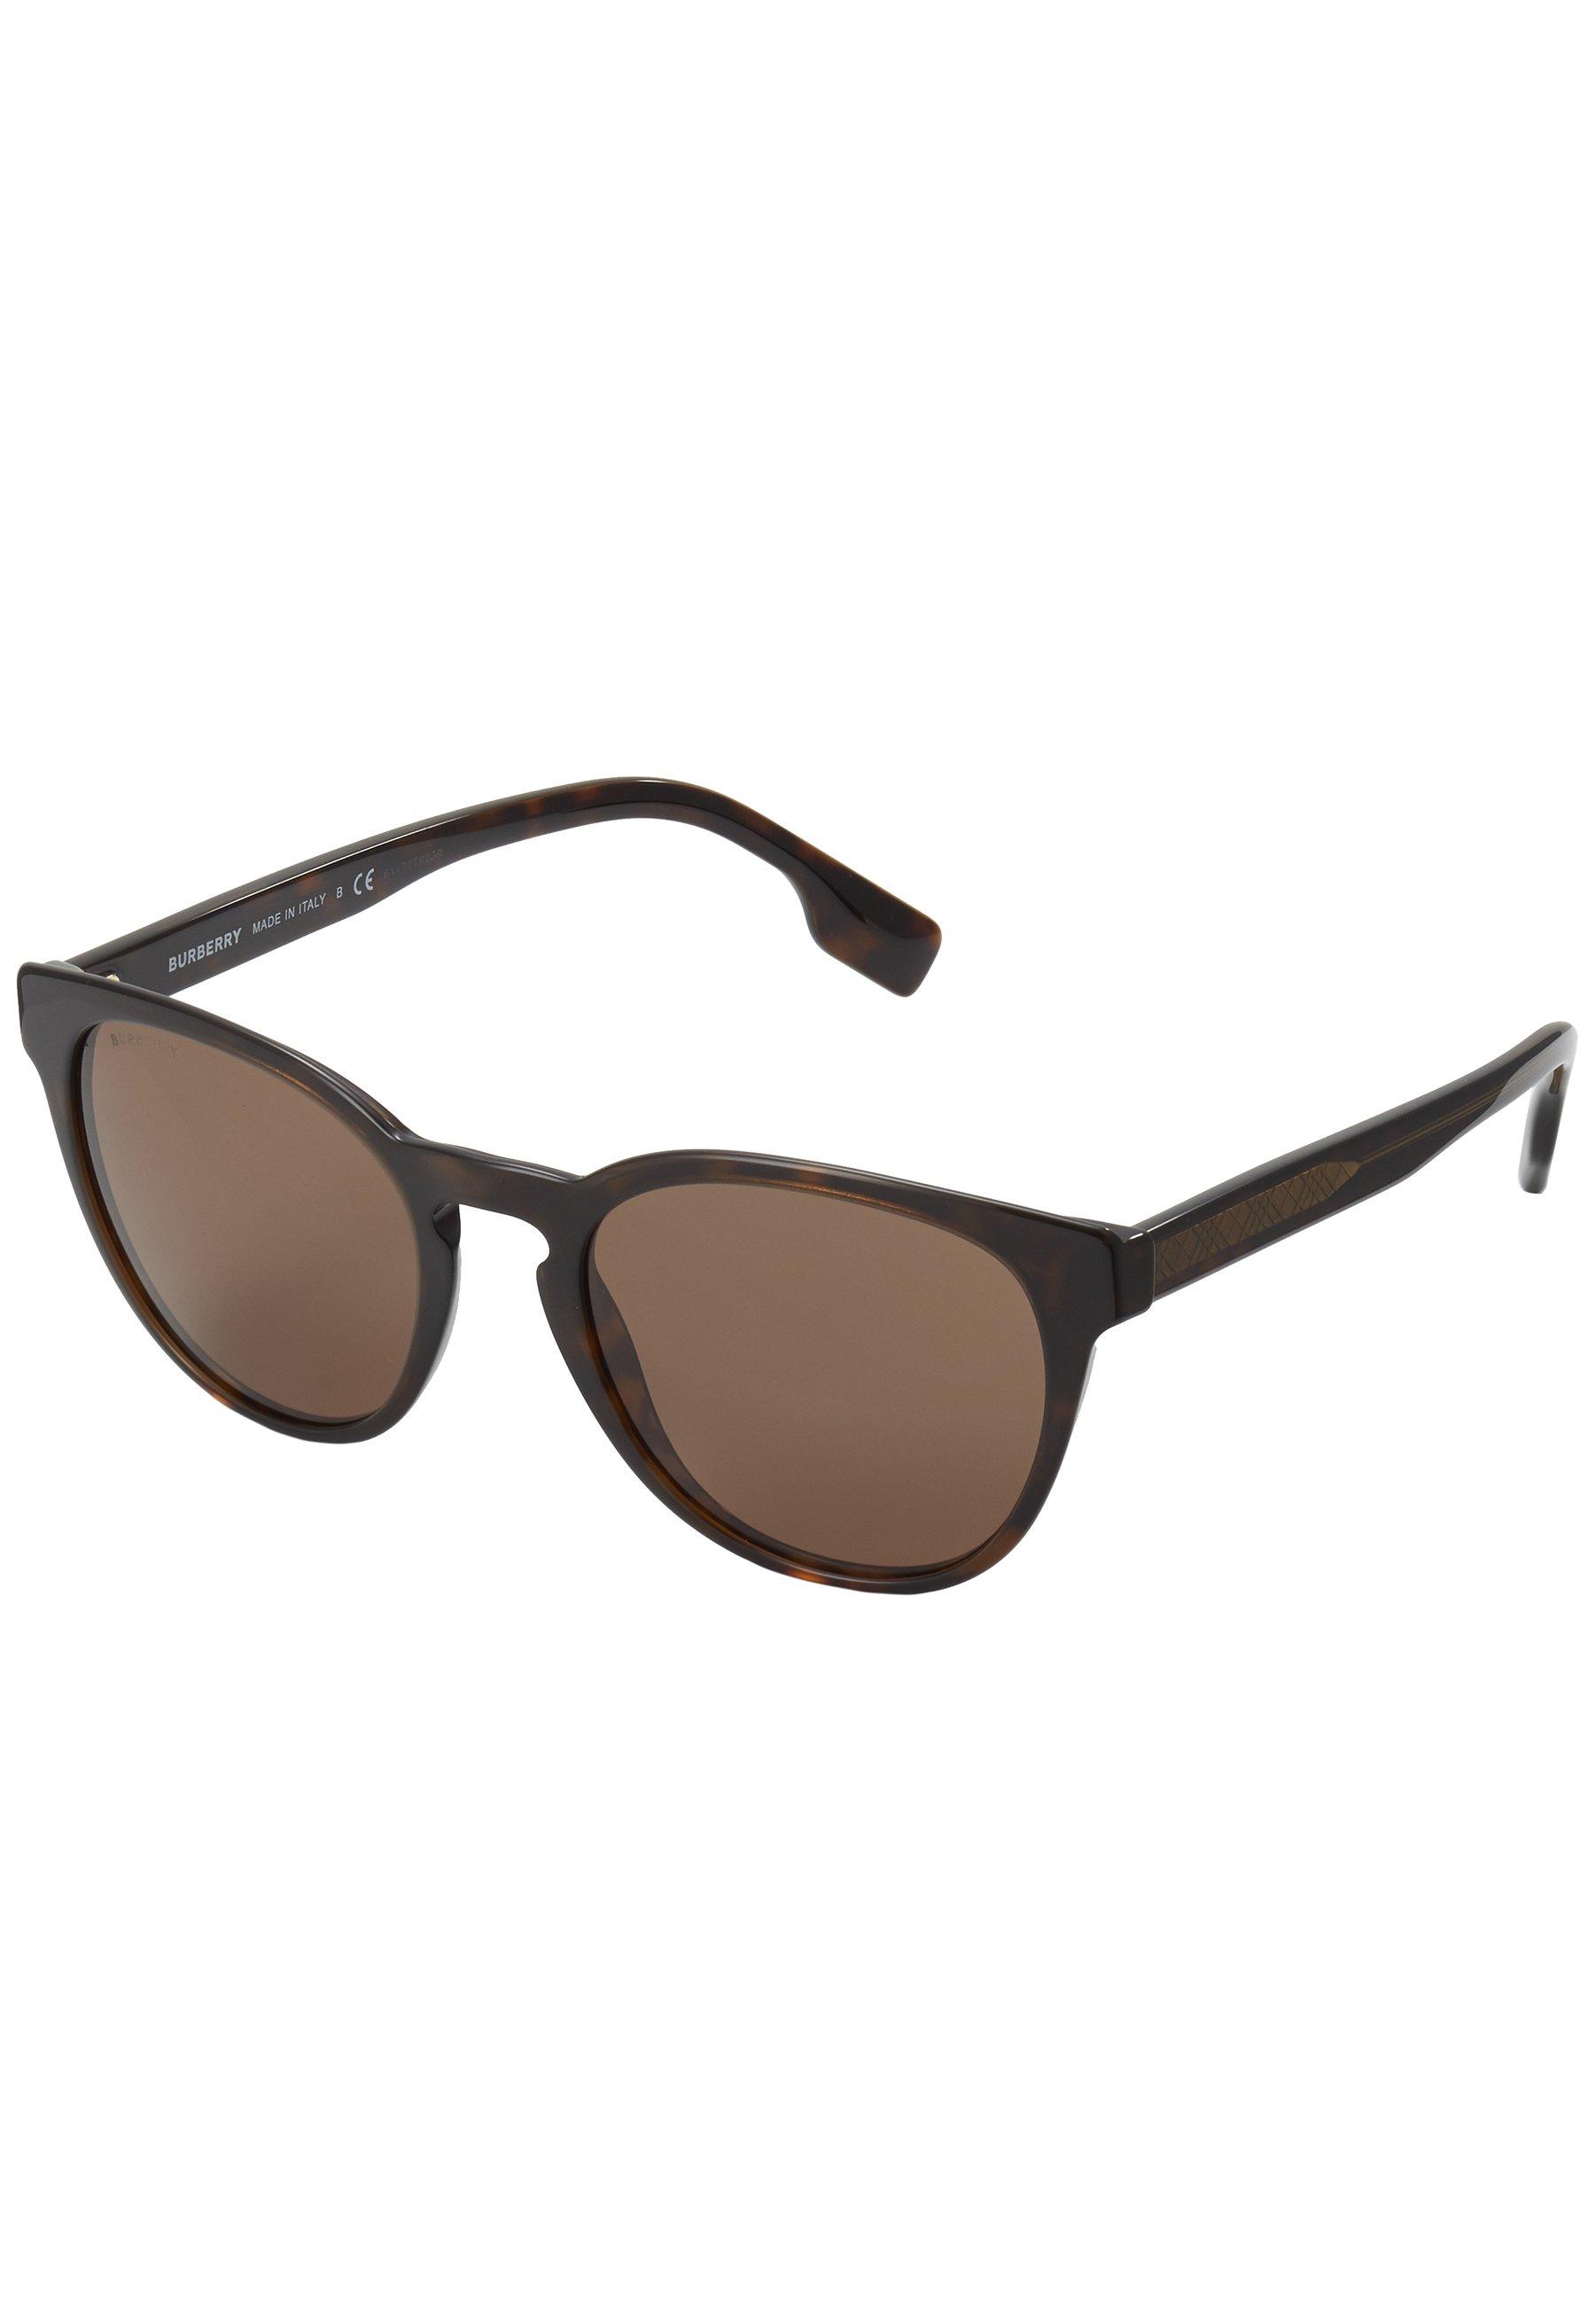 Burberry Solbriller - grey/dark havana/brun GMU4258xZMu48zE